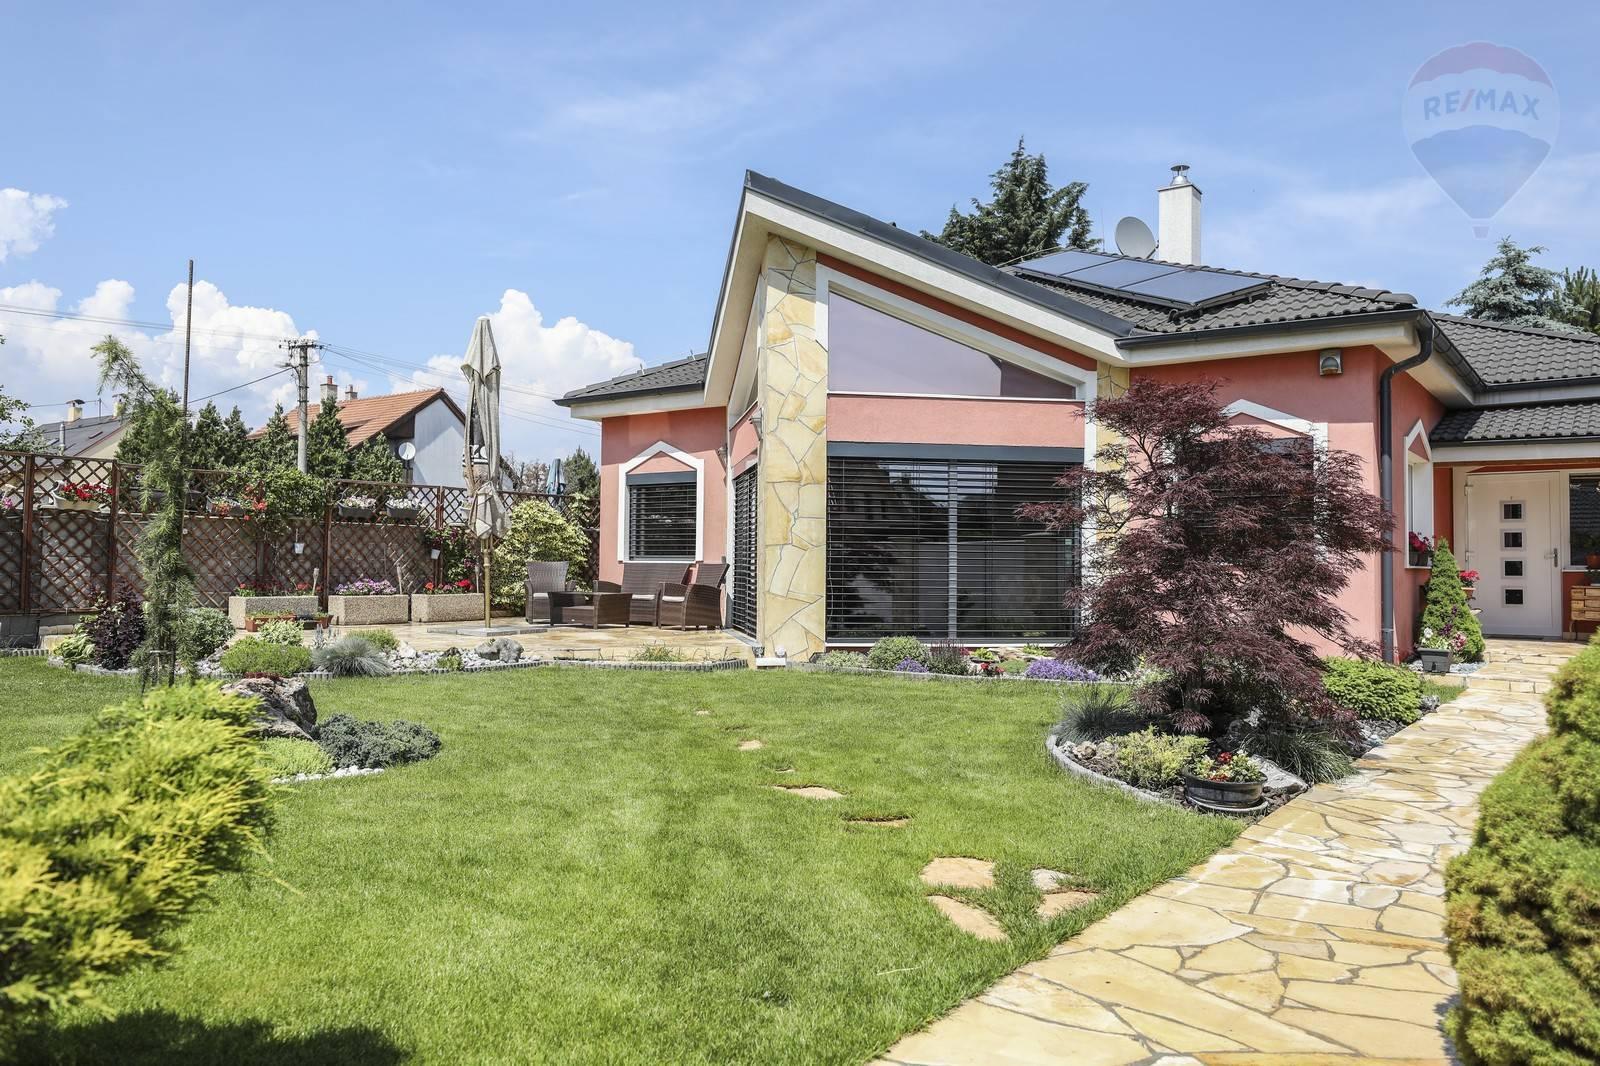 Predaj domu 246 m2, Bratislava - Vrakuňa